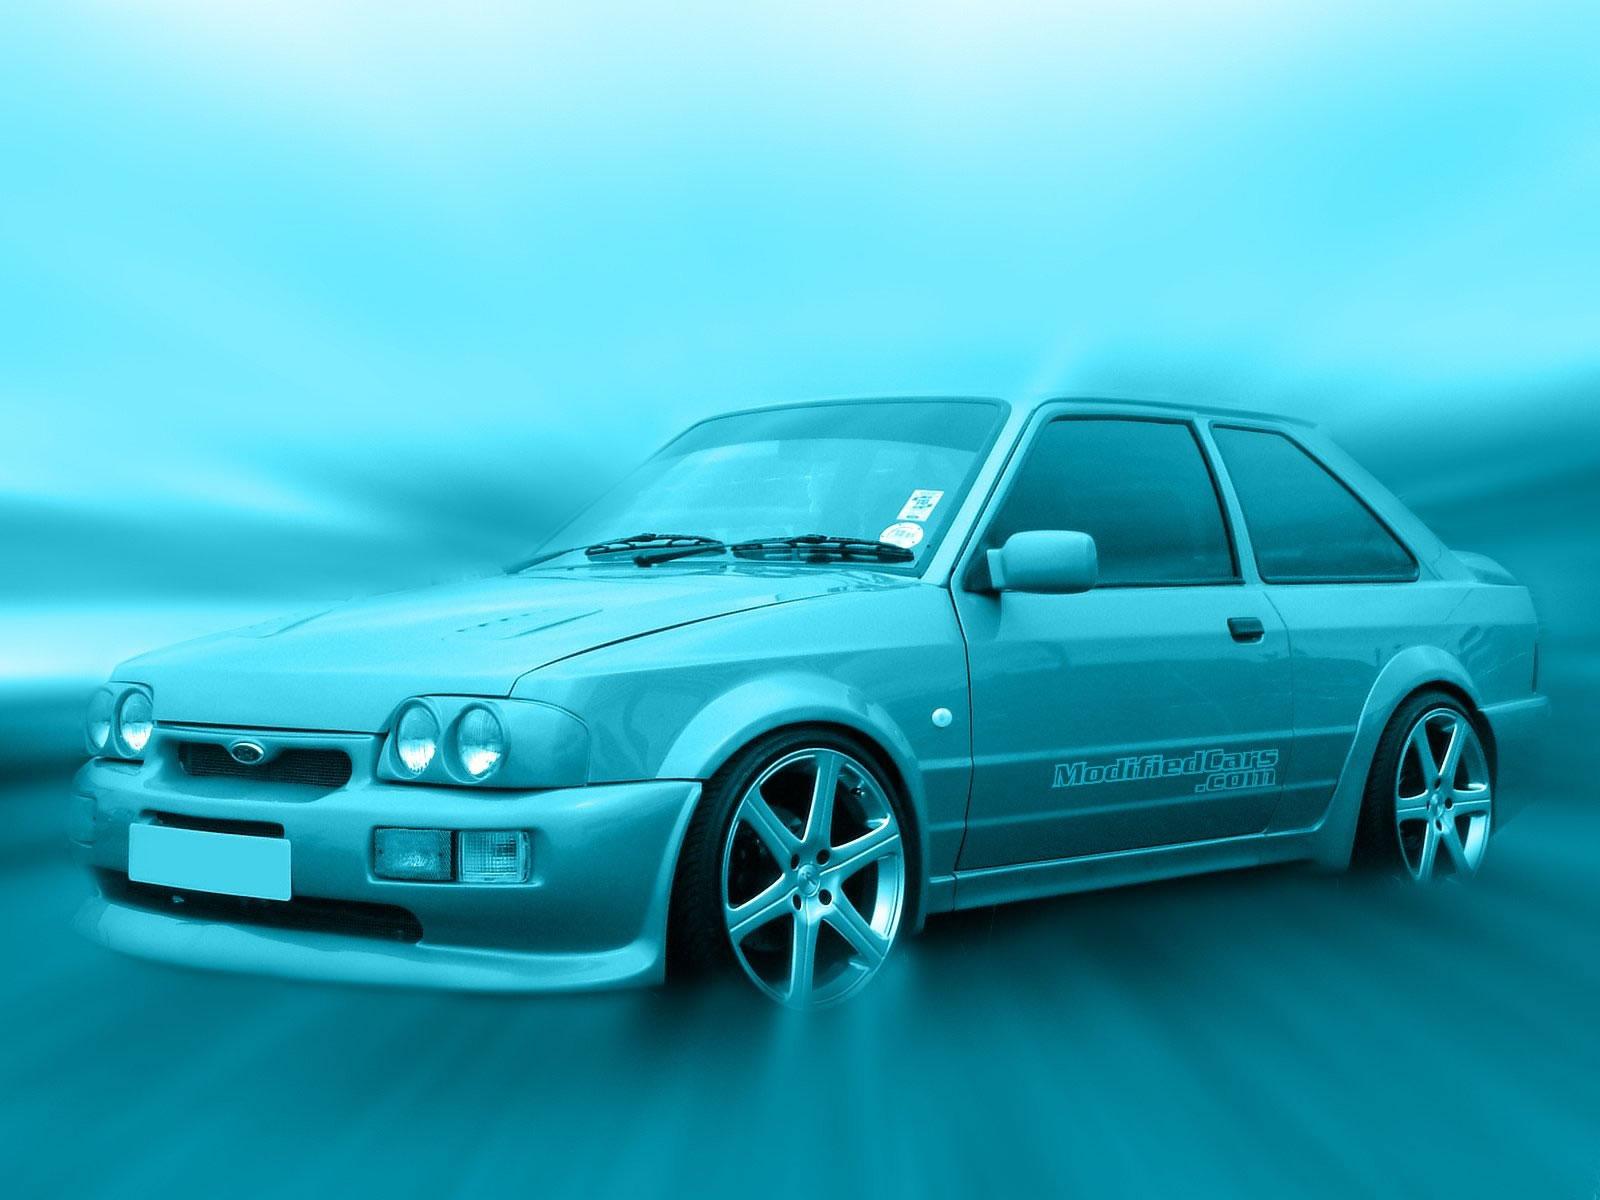 Fond voiture fond ecran tuning concept car 20